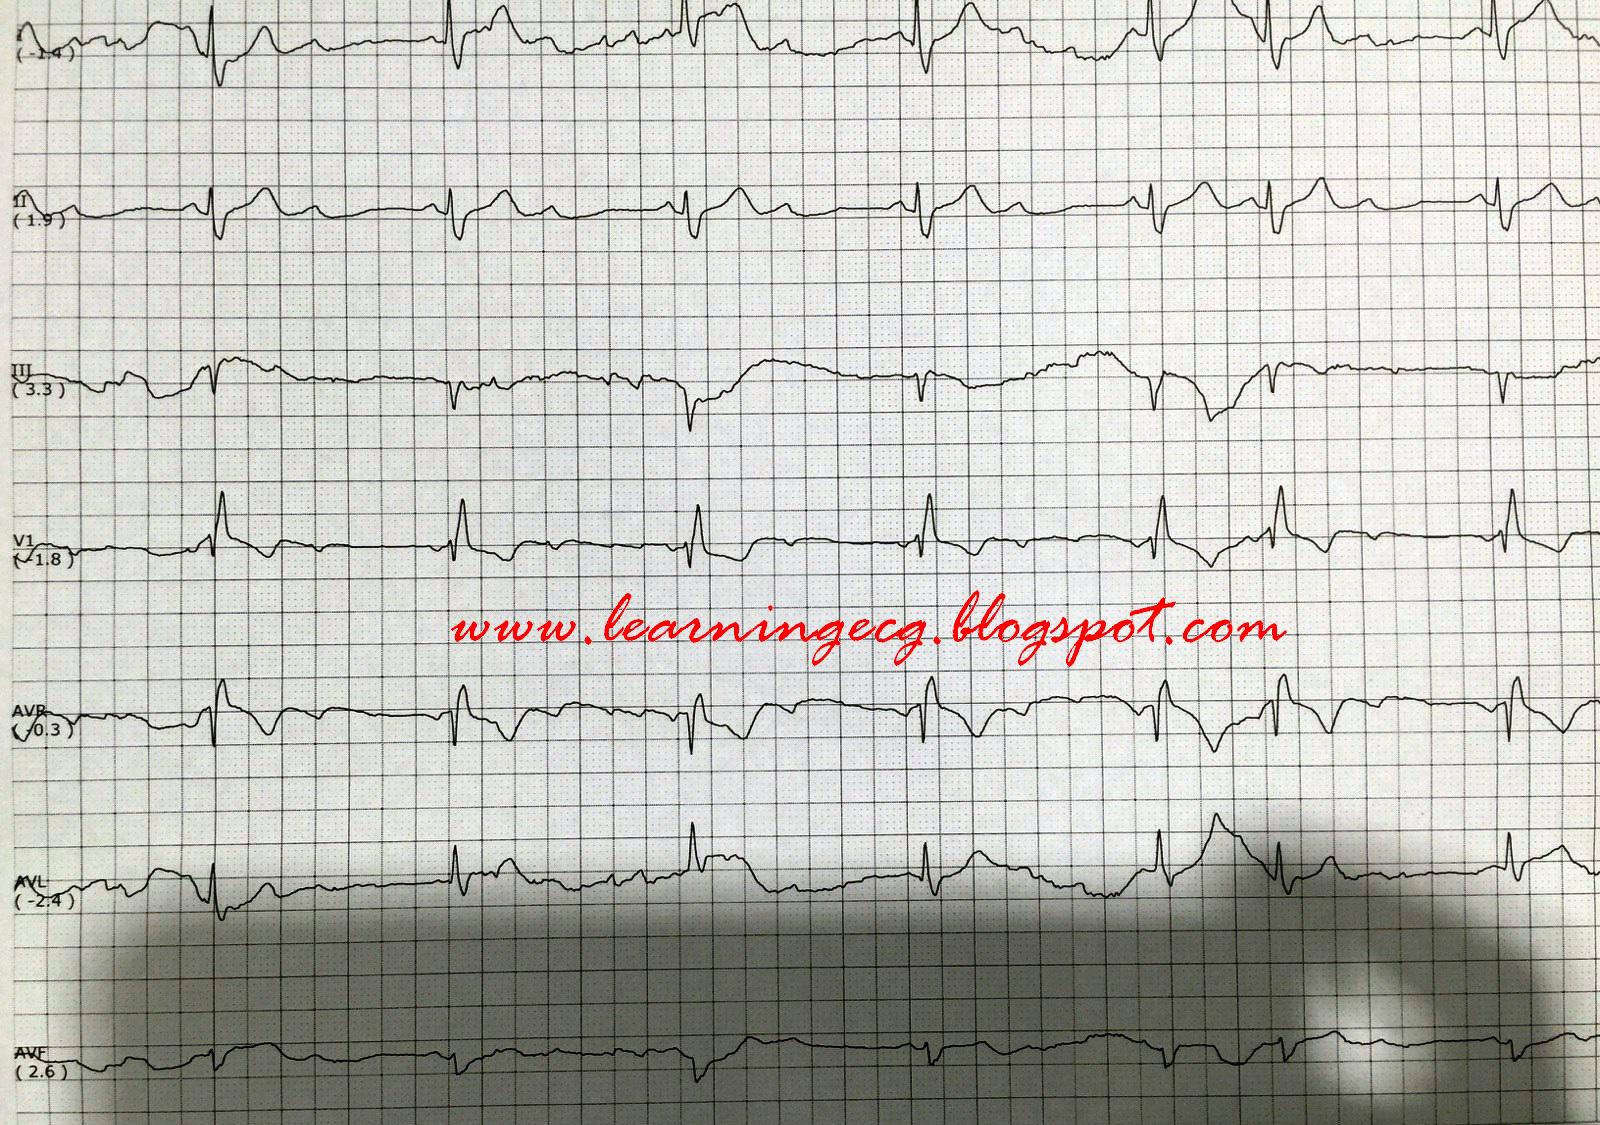 ECG Rhythms: Sinus rhythm, 2:1 AV block due to Mobitz II